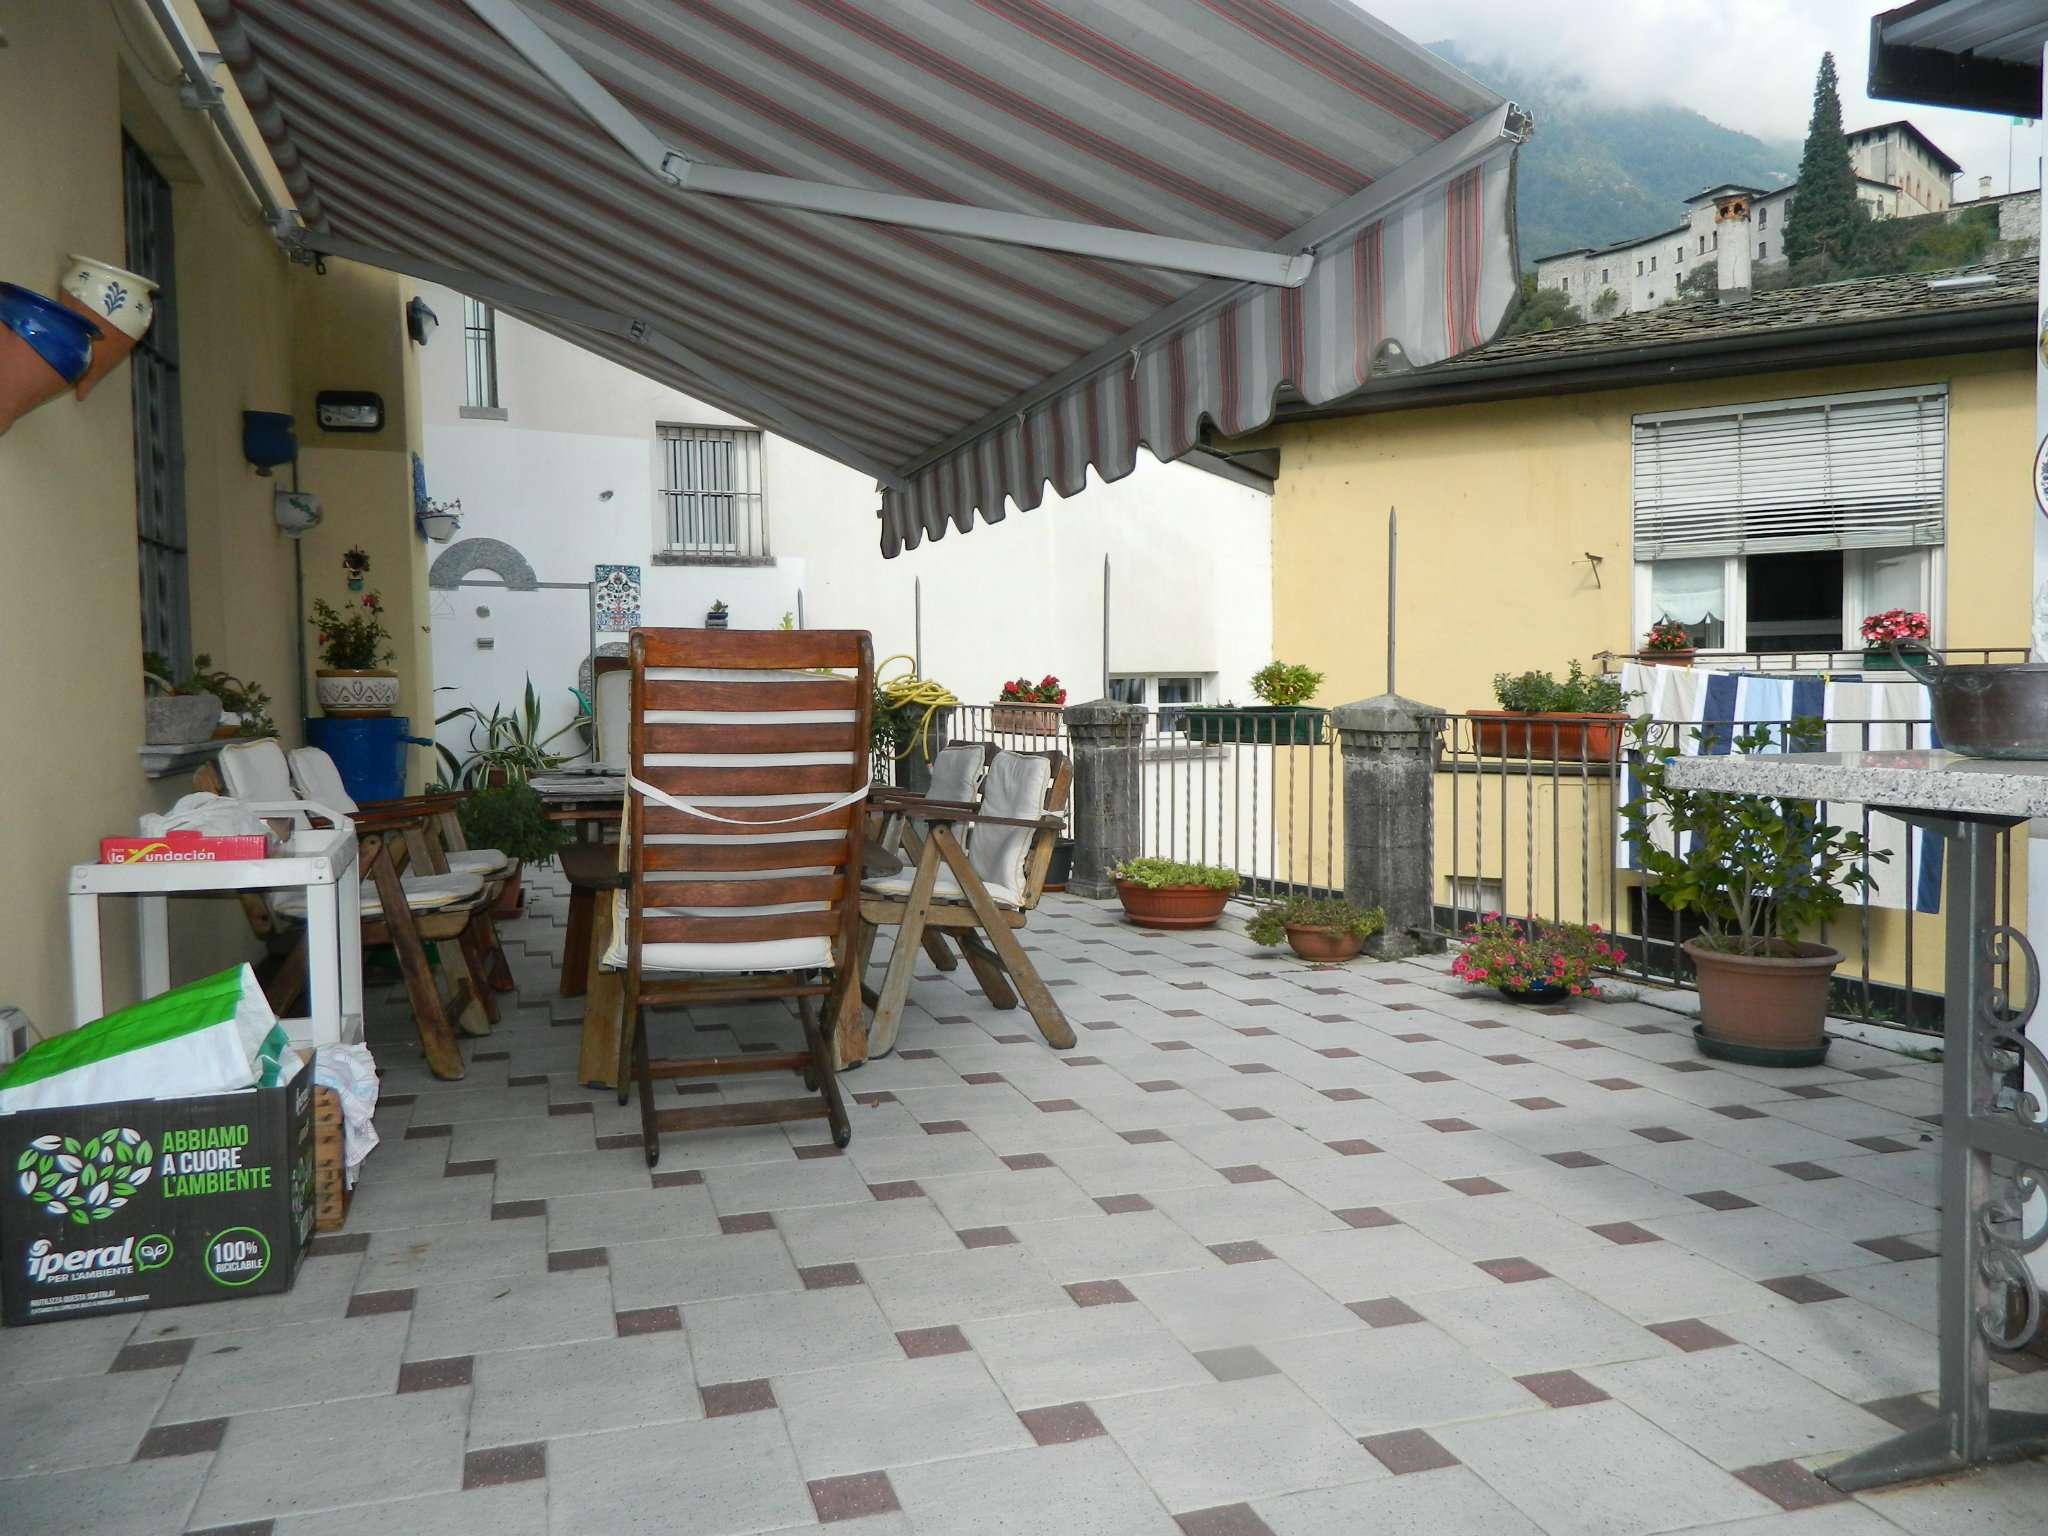 Attico / Mansarda in vendita a Sondrio, 4 locali, Trattative riservate   PortaleAgenzieImmobiliari.it